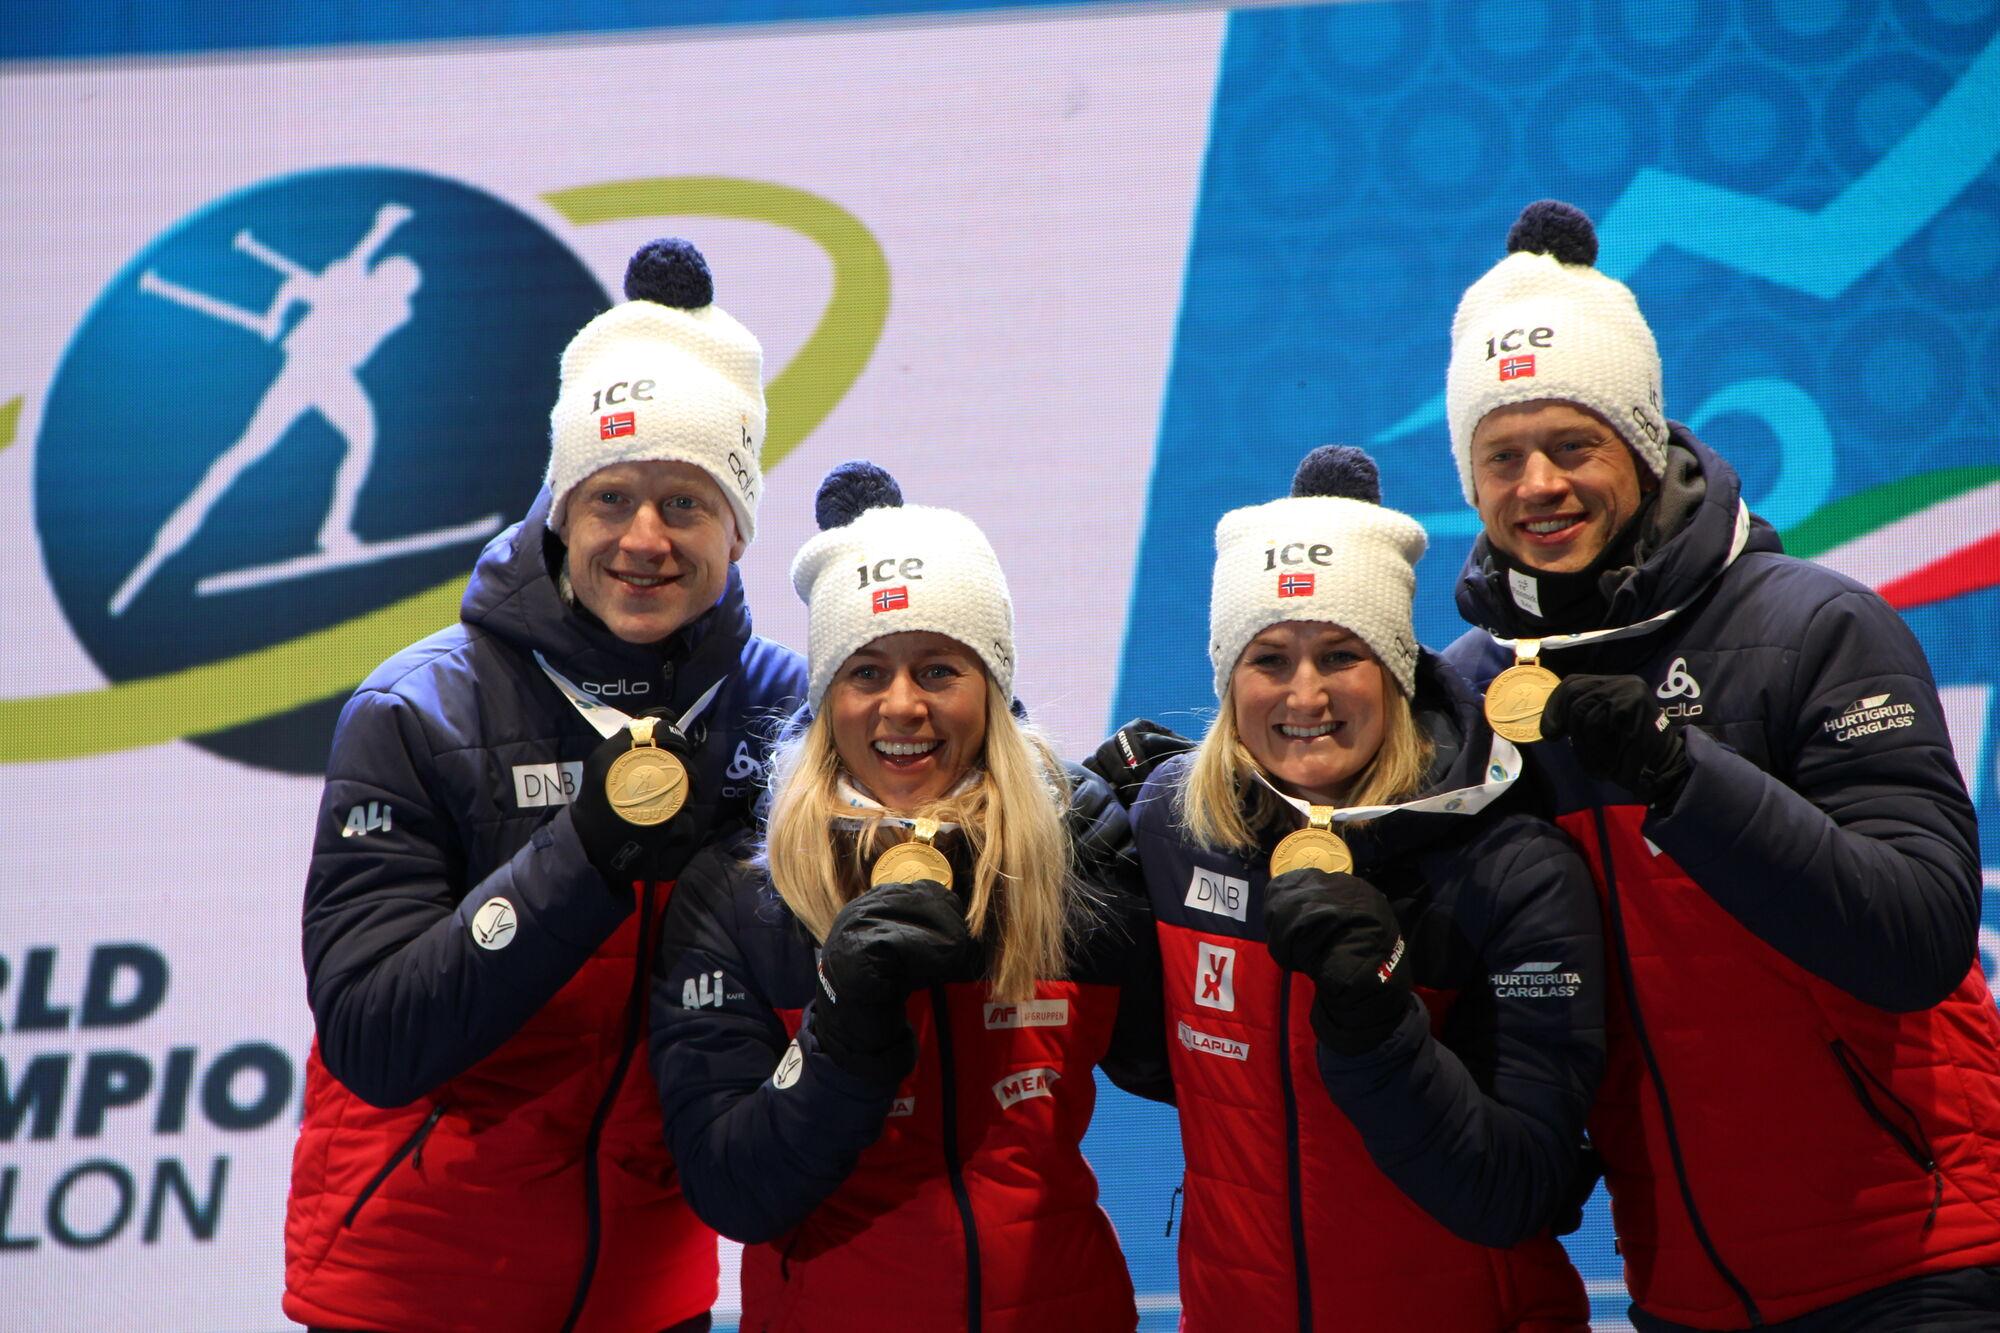 Норвегия на одном дыхании взяла первое золото ЧМ